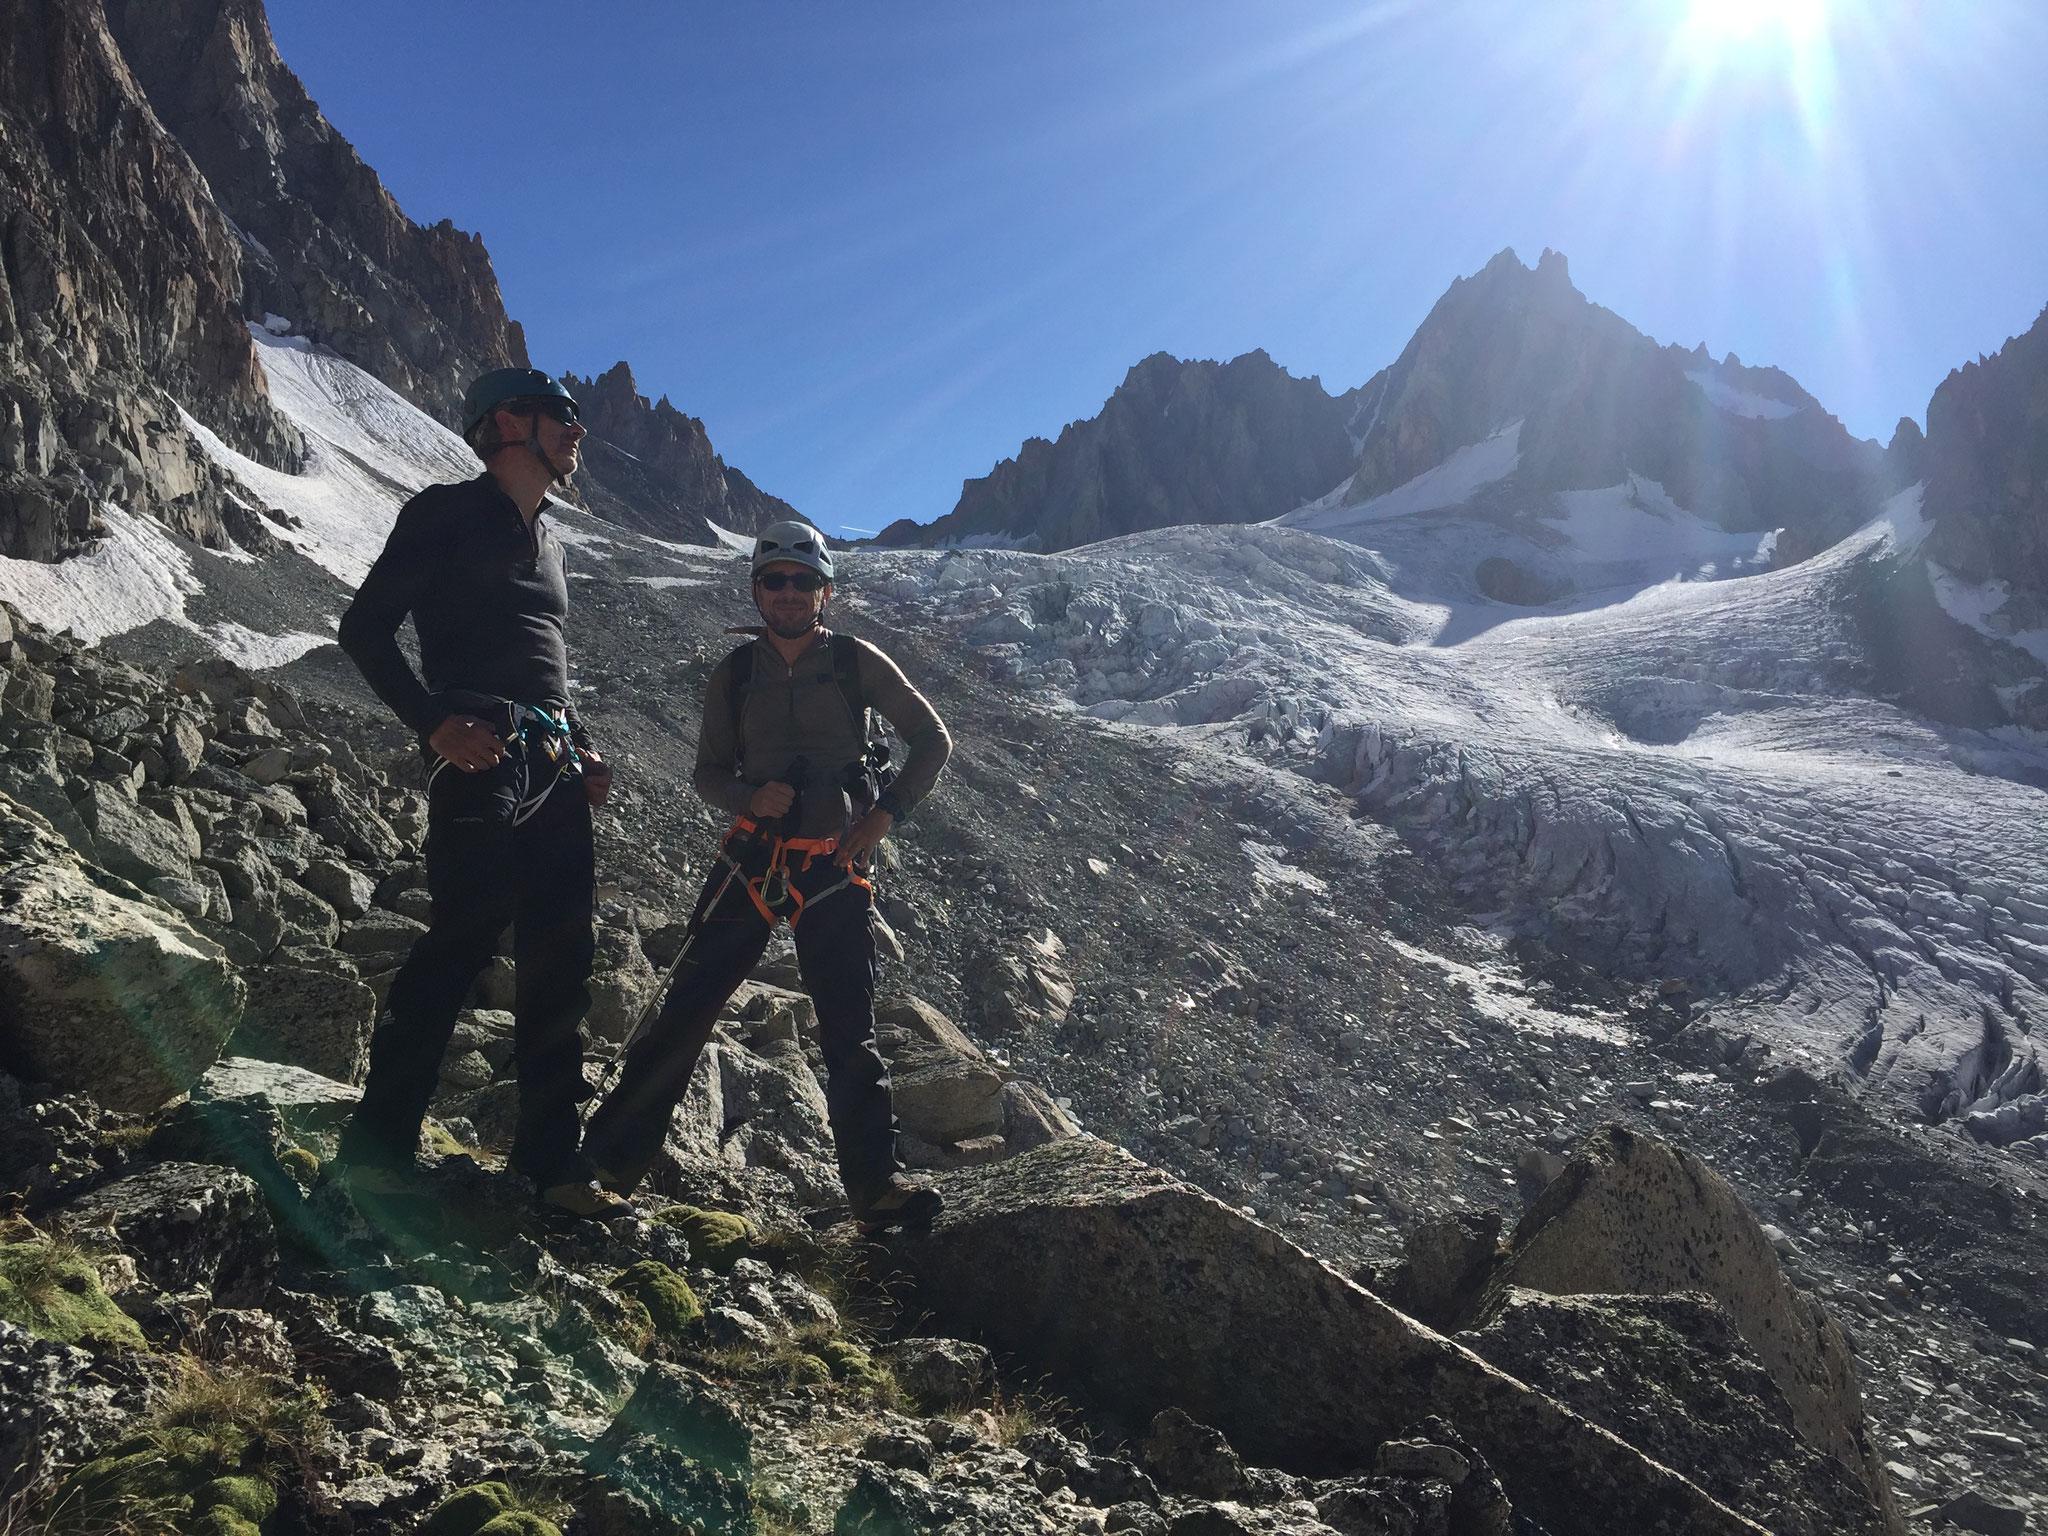 Au retour, pause au bord du Glacier des Améthystes